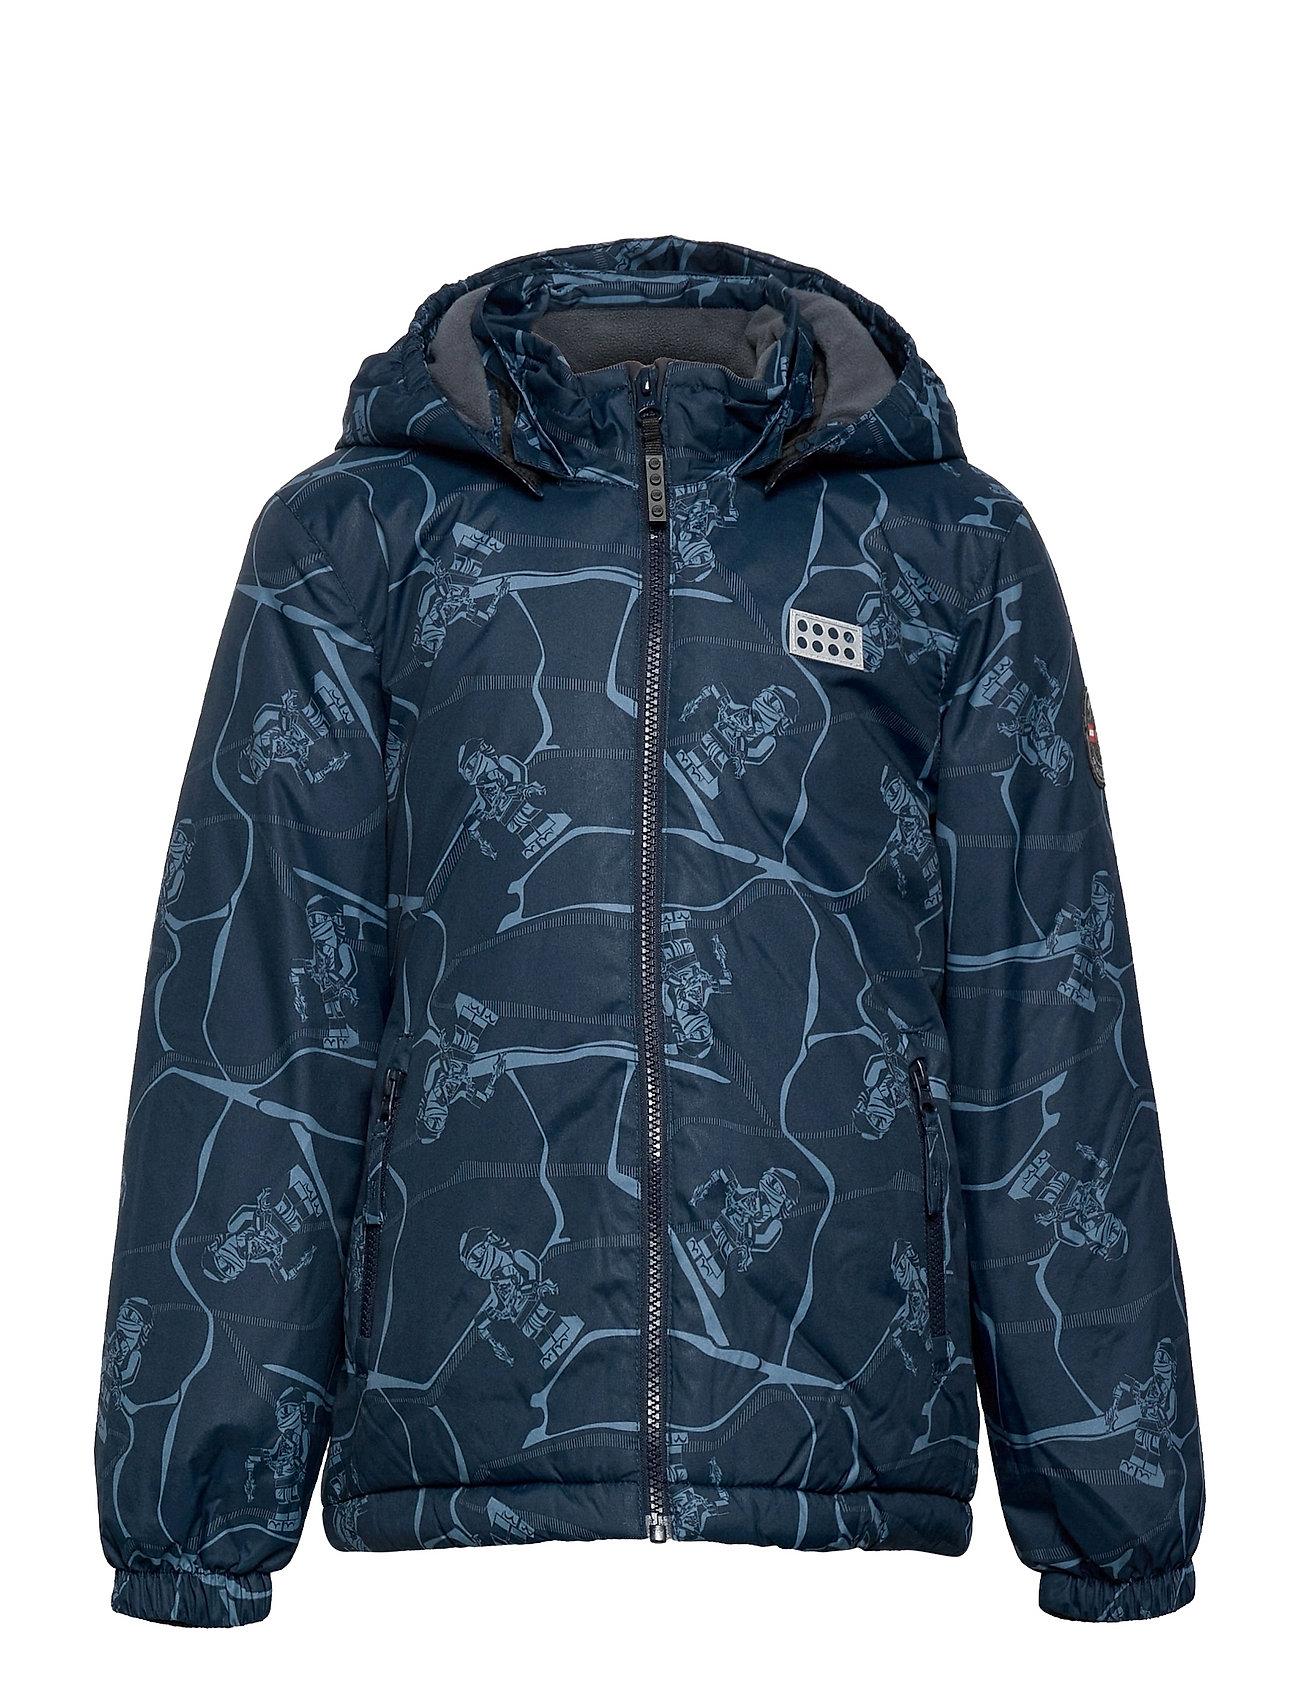 Lwjebel 602 - Jacket Outerwear Jackets & Coats Windbreaker Blå Lego Wear